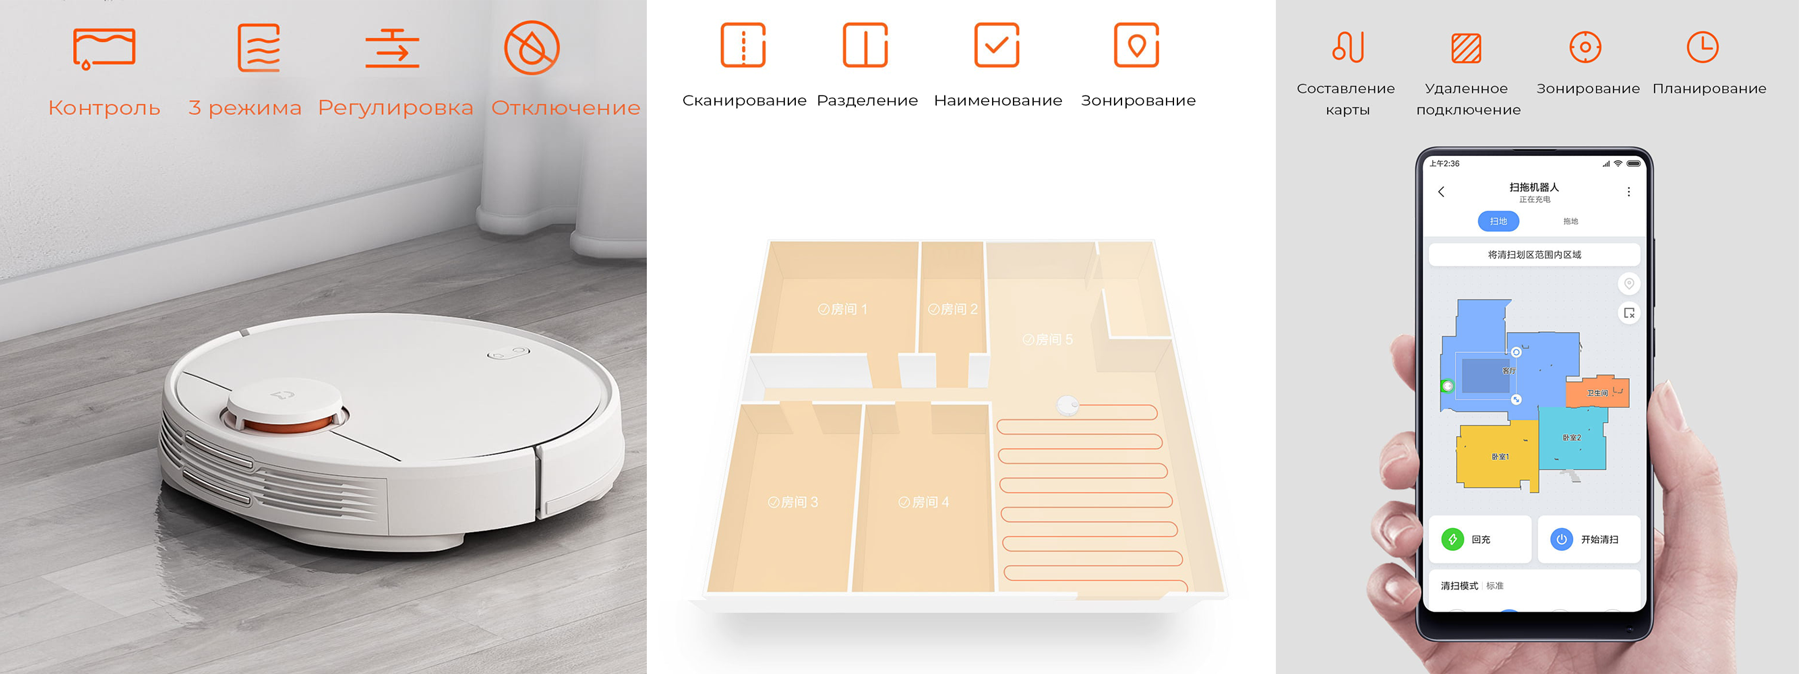 Робот-пылесос Xiaomi Mijia LDS Vacuum Cleaner (черный) взаимодействие с приложением